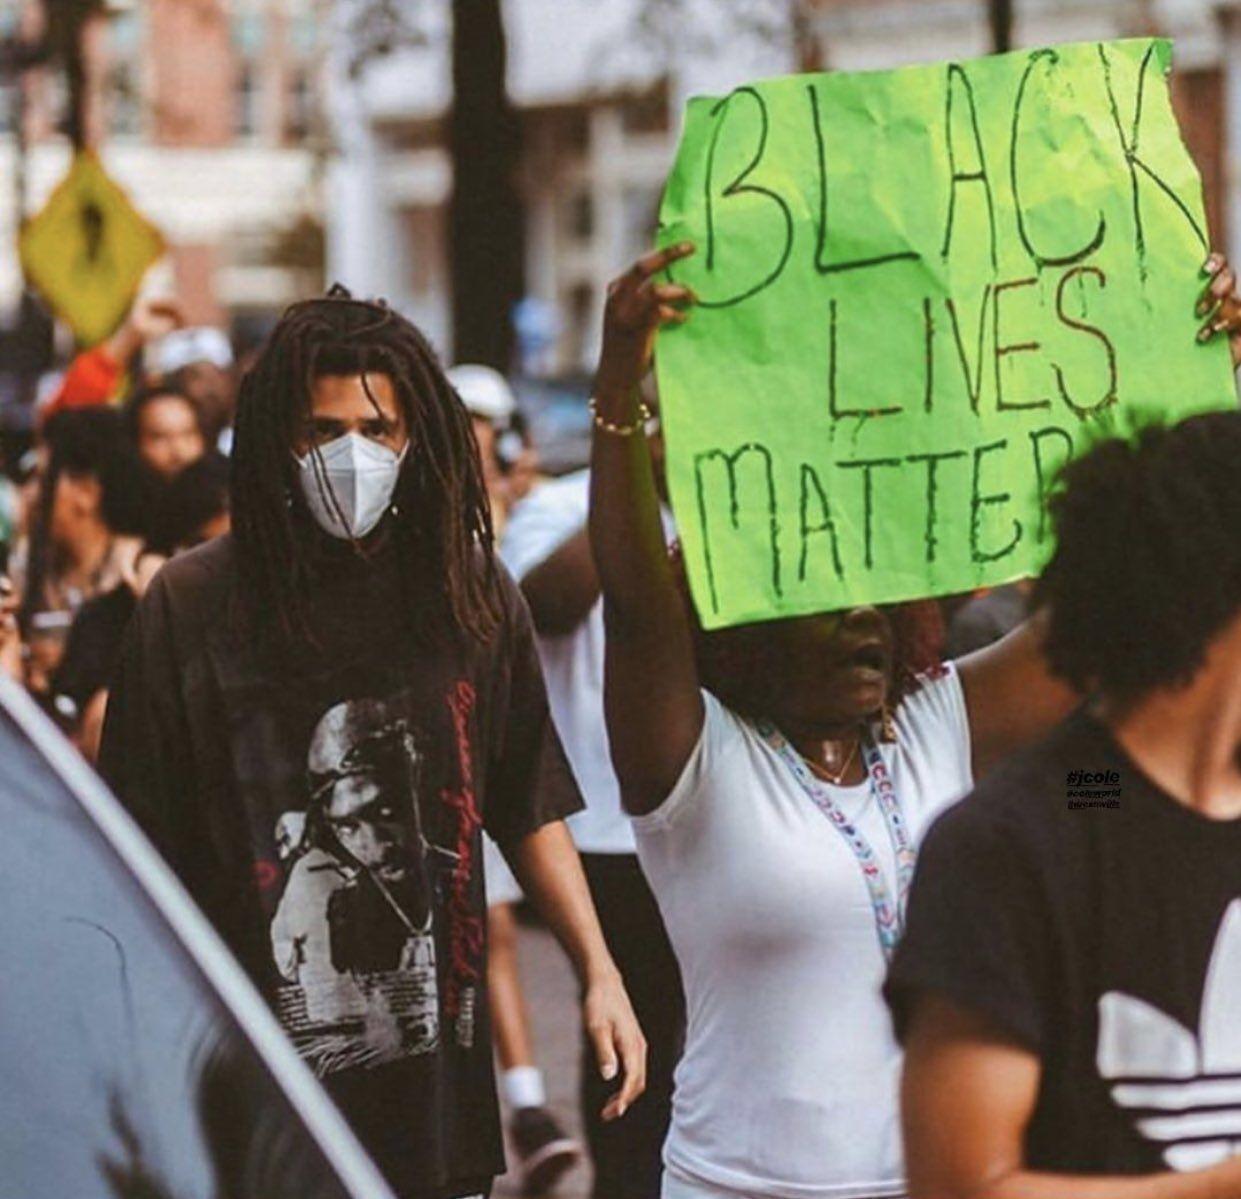 On Twitter J Cole Black Lives Matter Protest Black Lives Matter